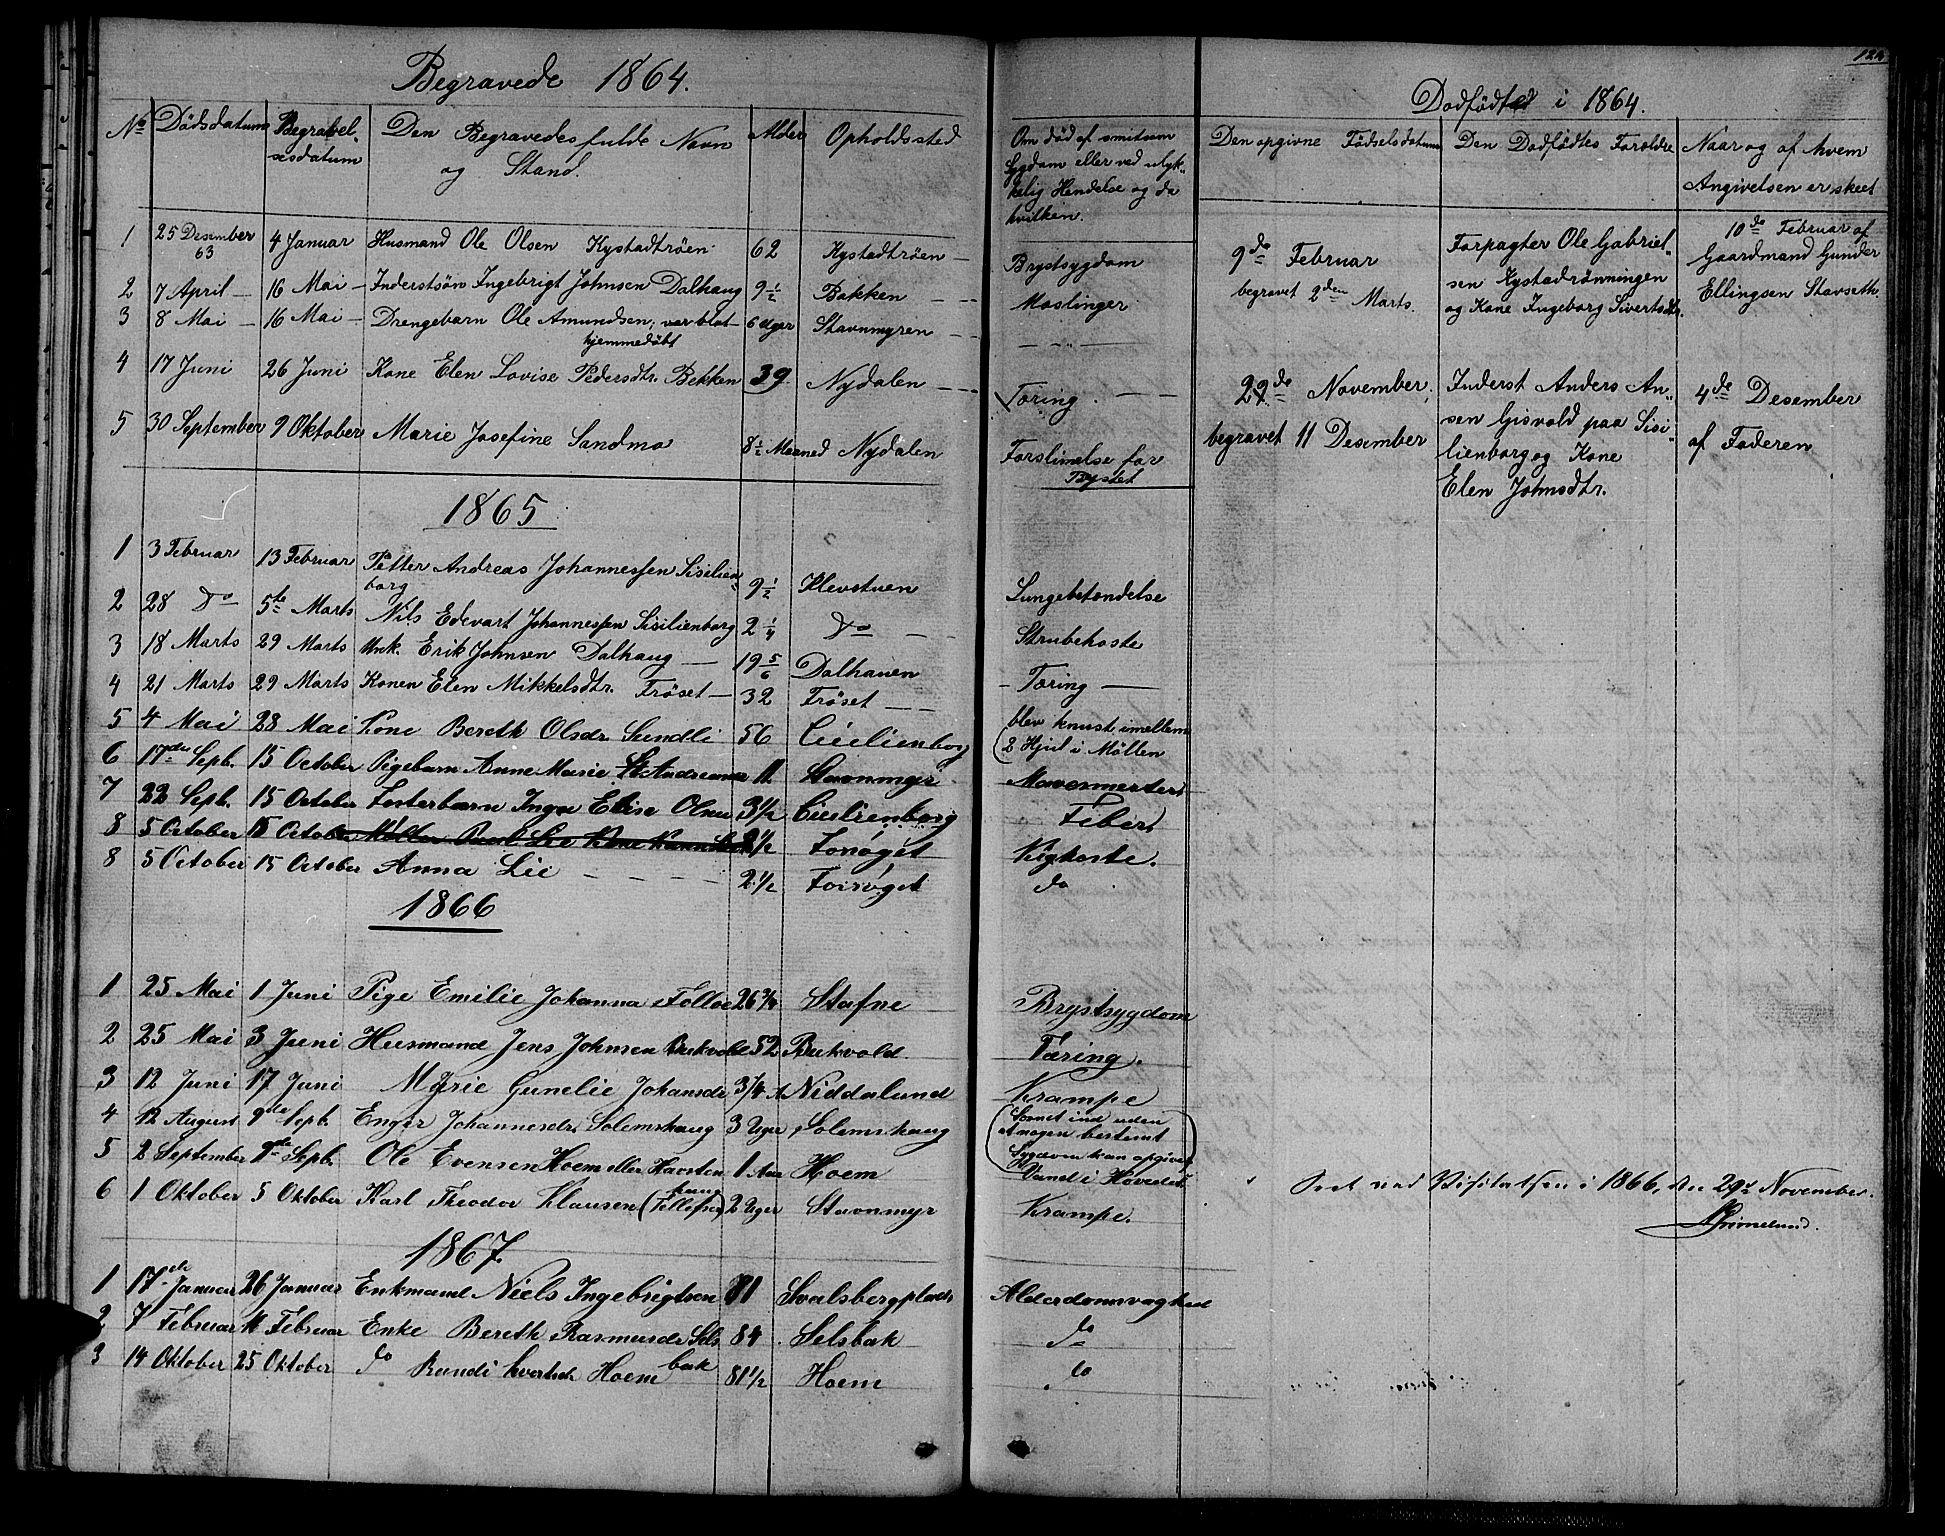 SAT, Ministerialprotokoller, klokkerbøker og fødselsregistre - Sør-Trøndelag, 611/L0353: Klokkerbok nr. 611C01, 1854-1881, s. 124